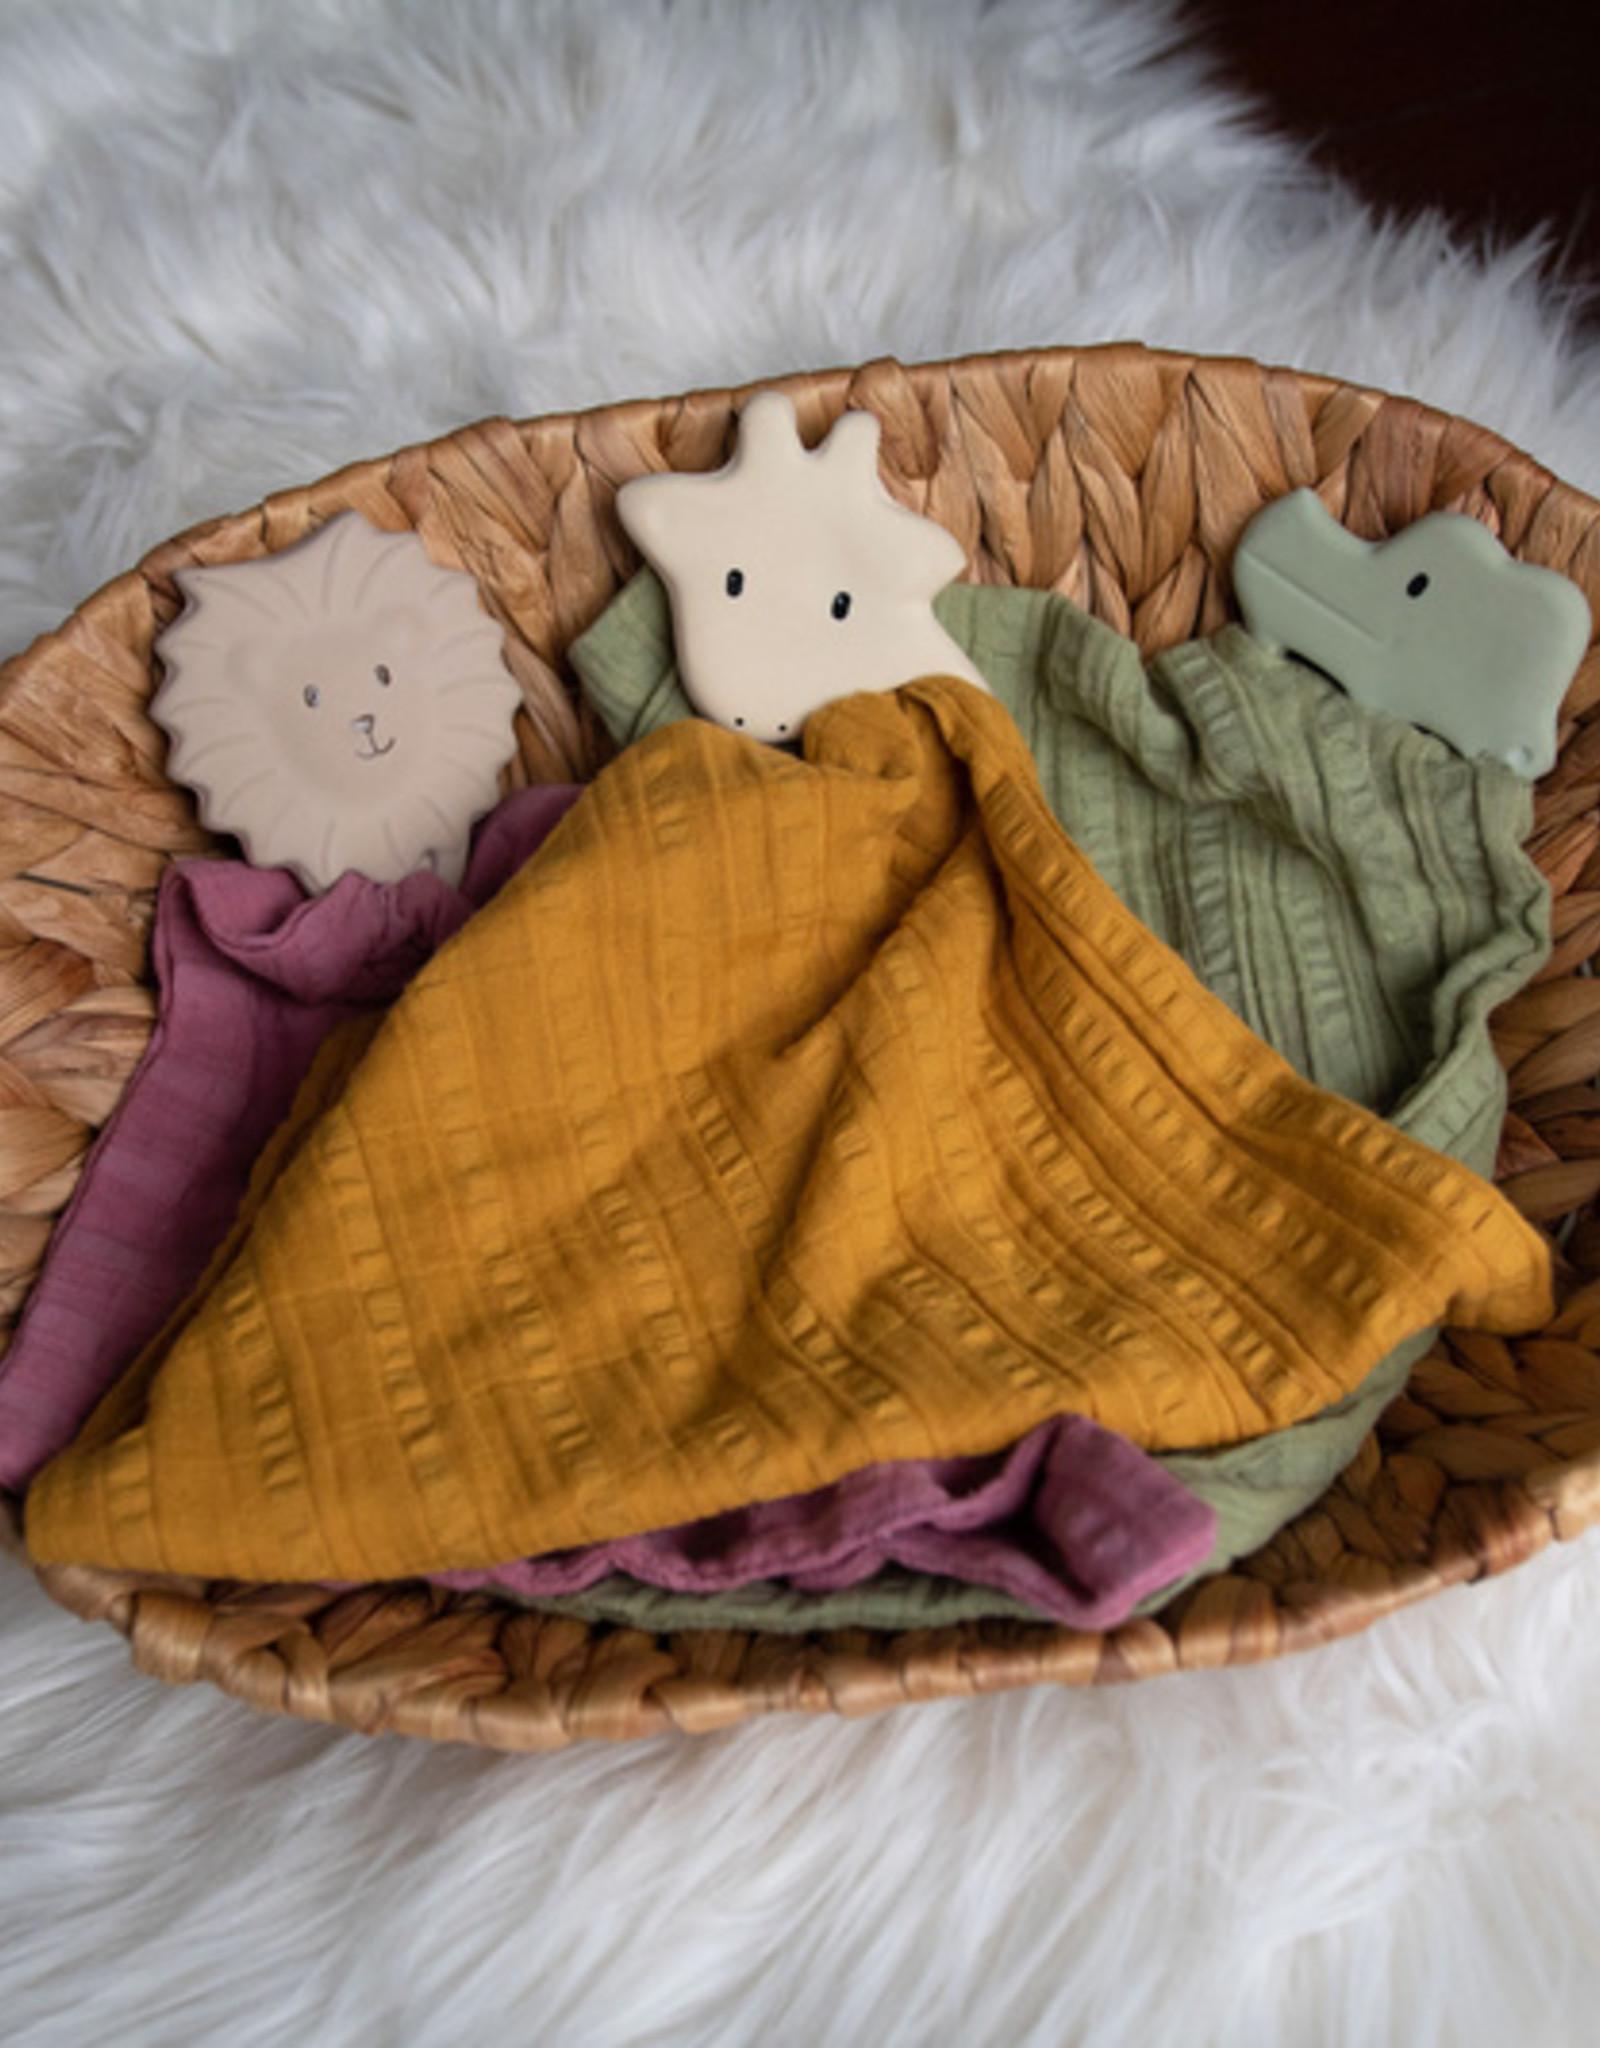 Tikiri Tikiri - Teether Giraffe With Mustard Muslin Comforter